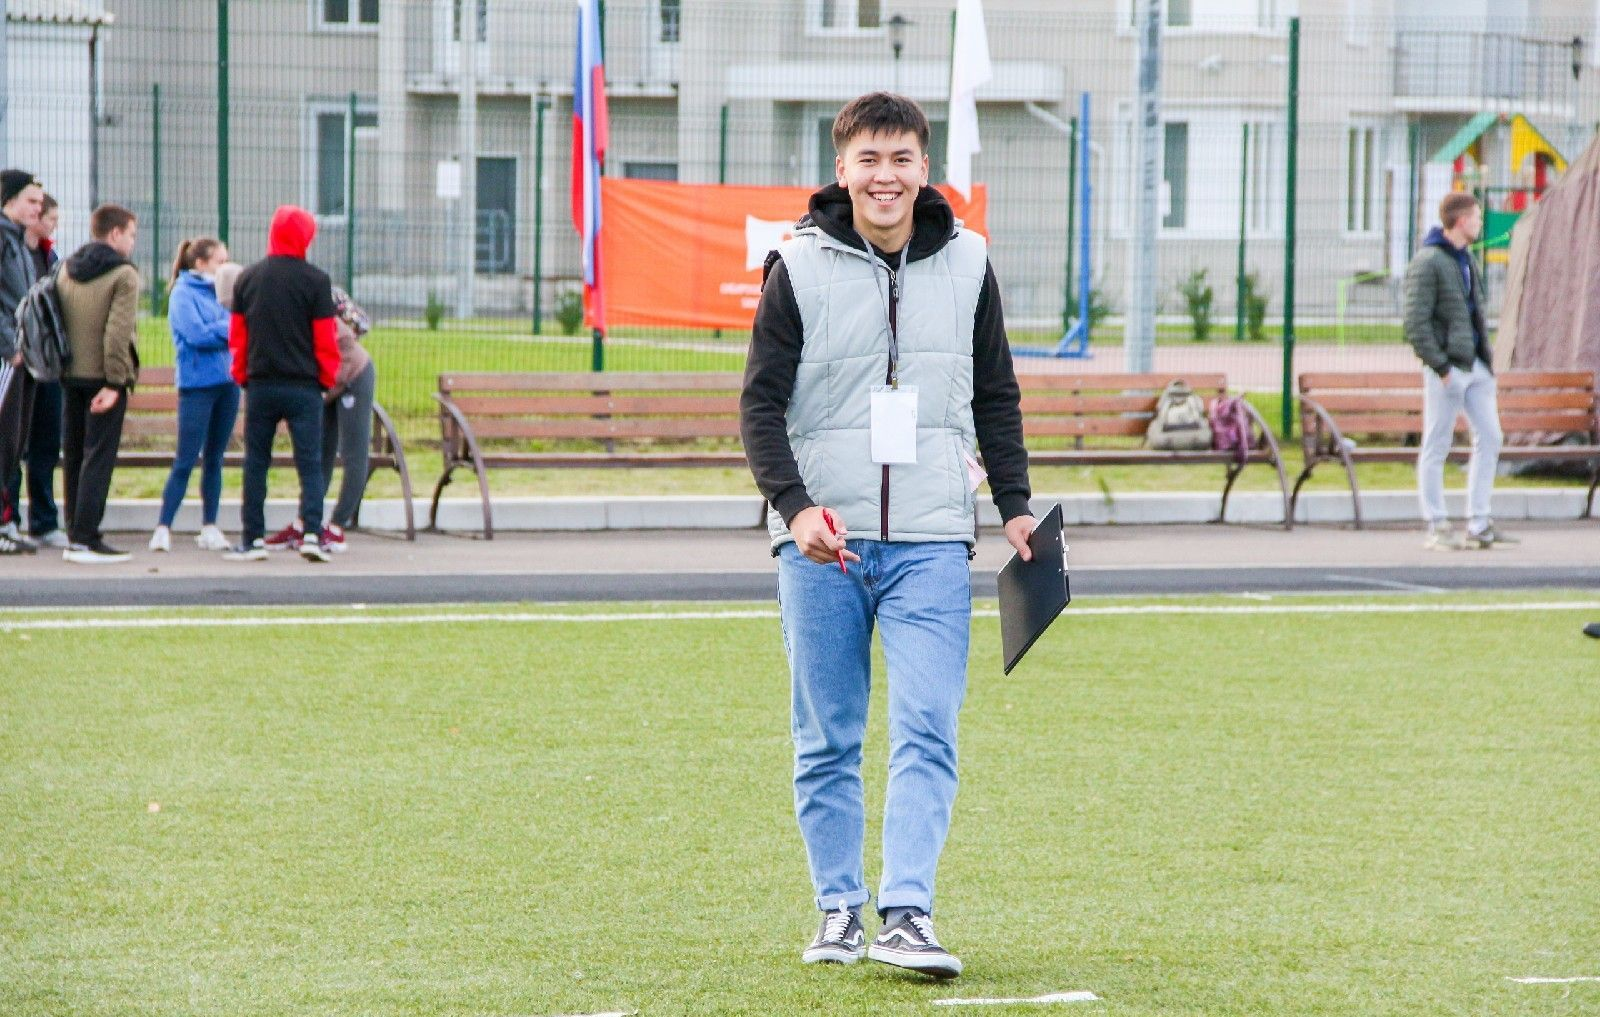 Студент Сибирского федерального университета (СФУ) в Красноярске Нурзамат Искендербеков из КР, сейчас оканчивает третий курс бакалавриата